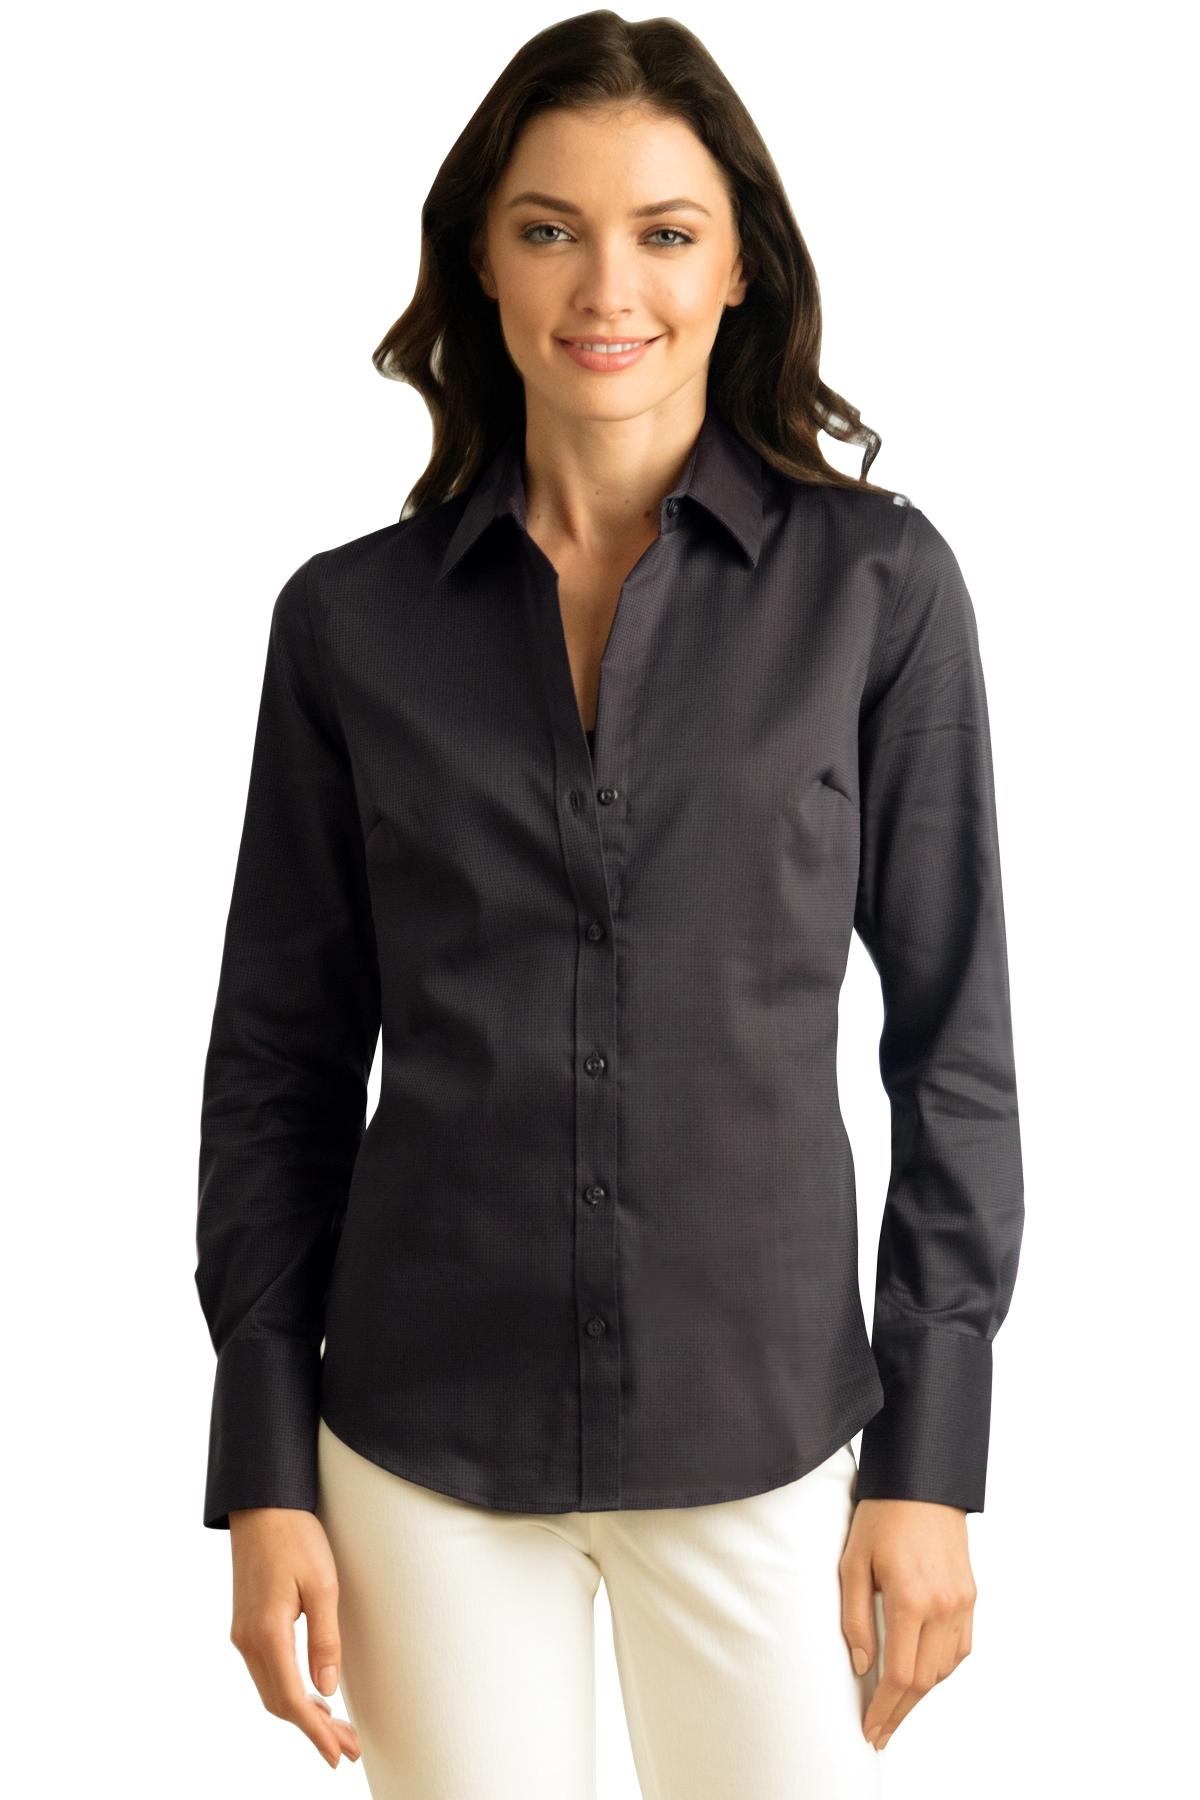 Calvin Klein CALV0030 - Women's Non-Iron Dobby Shirt